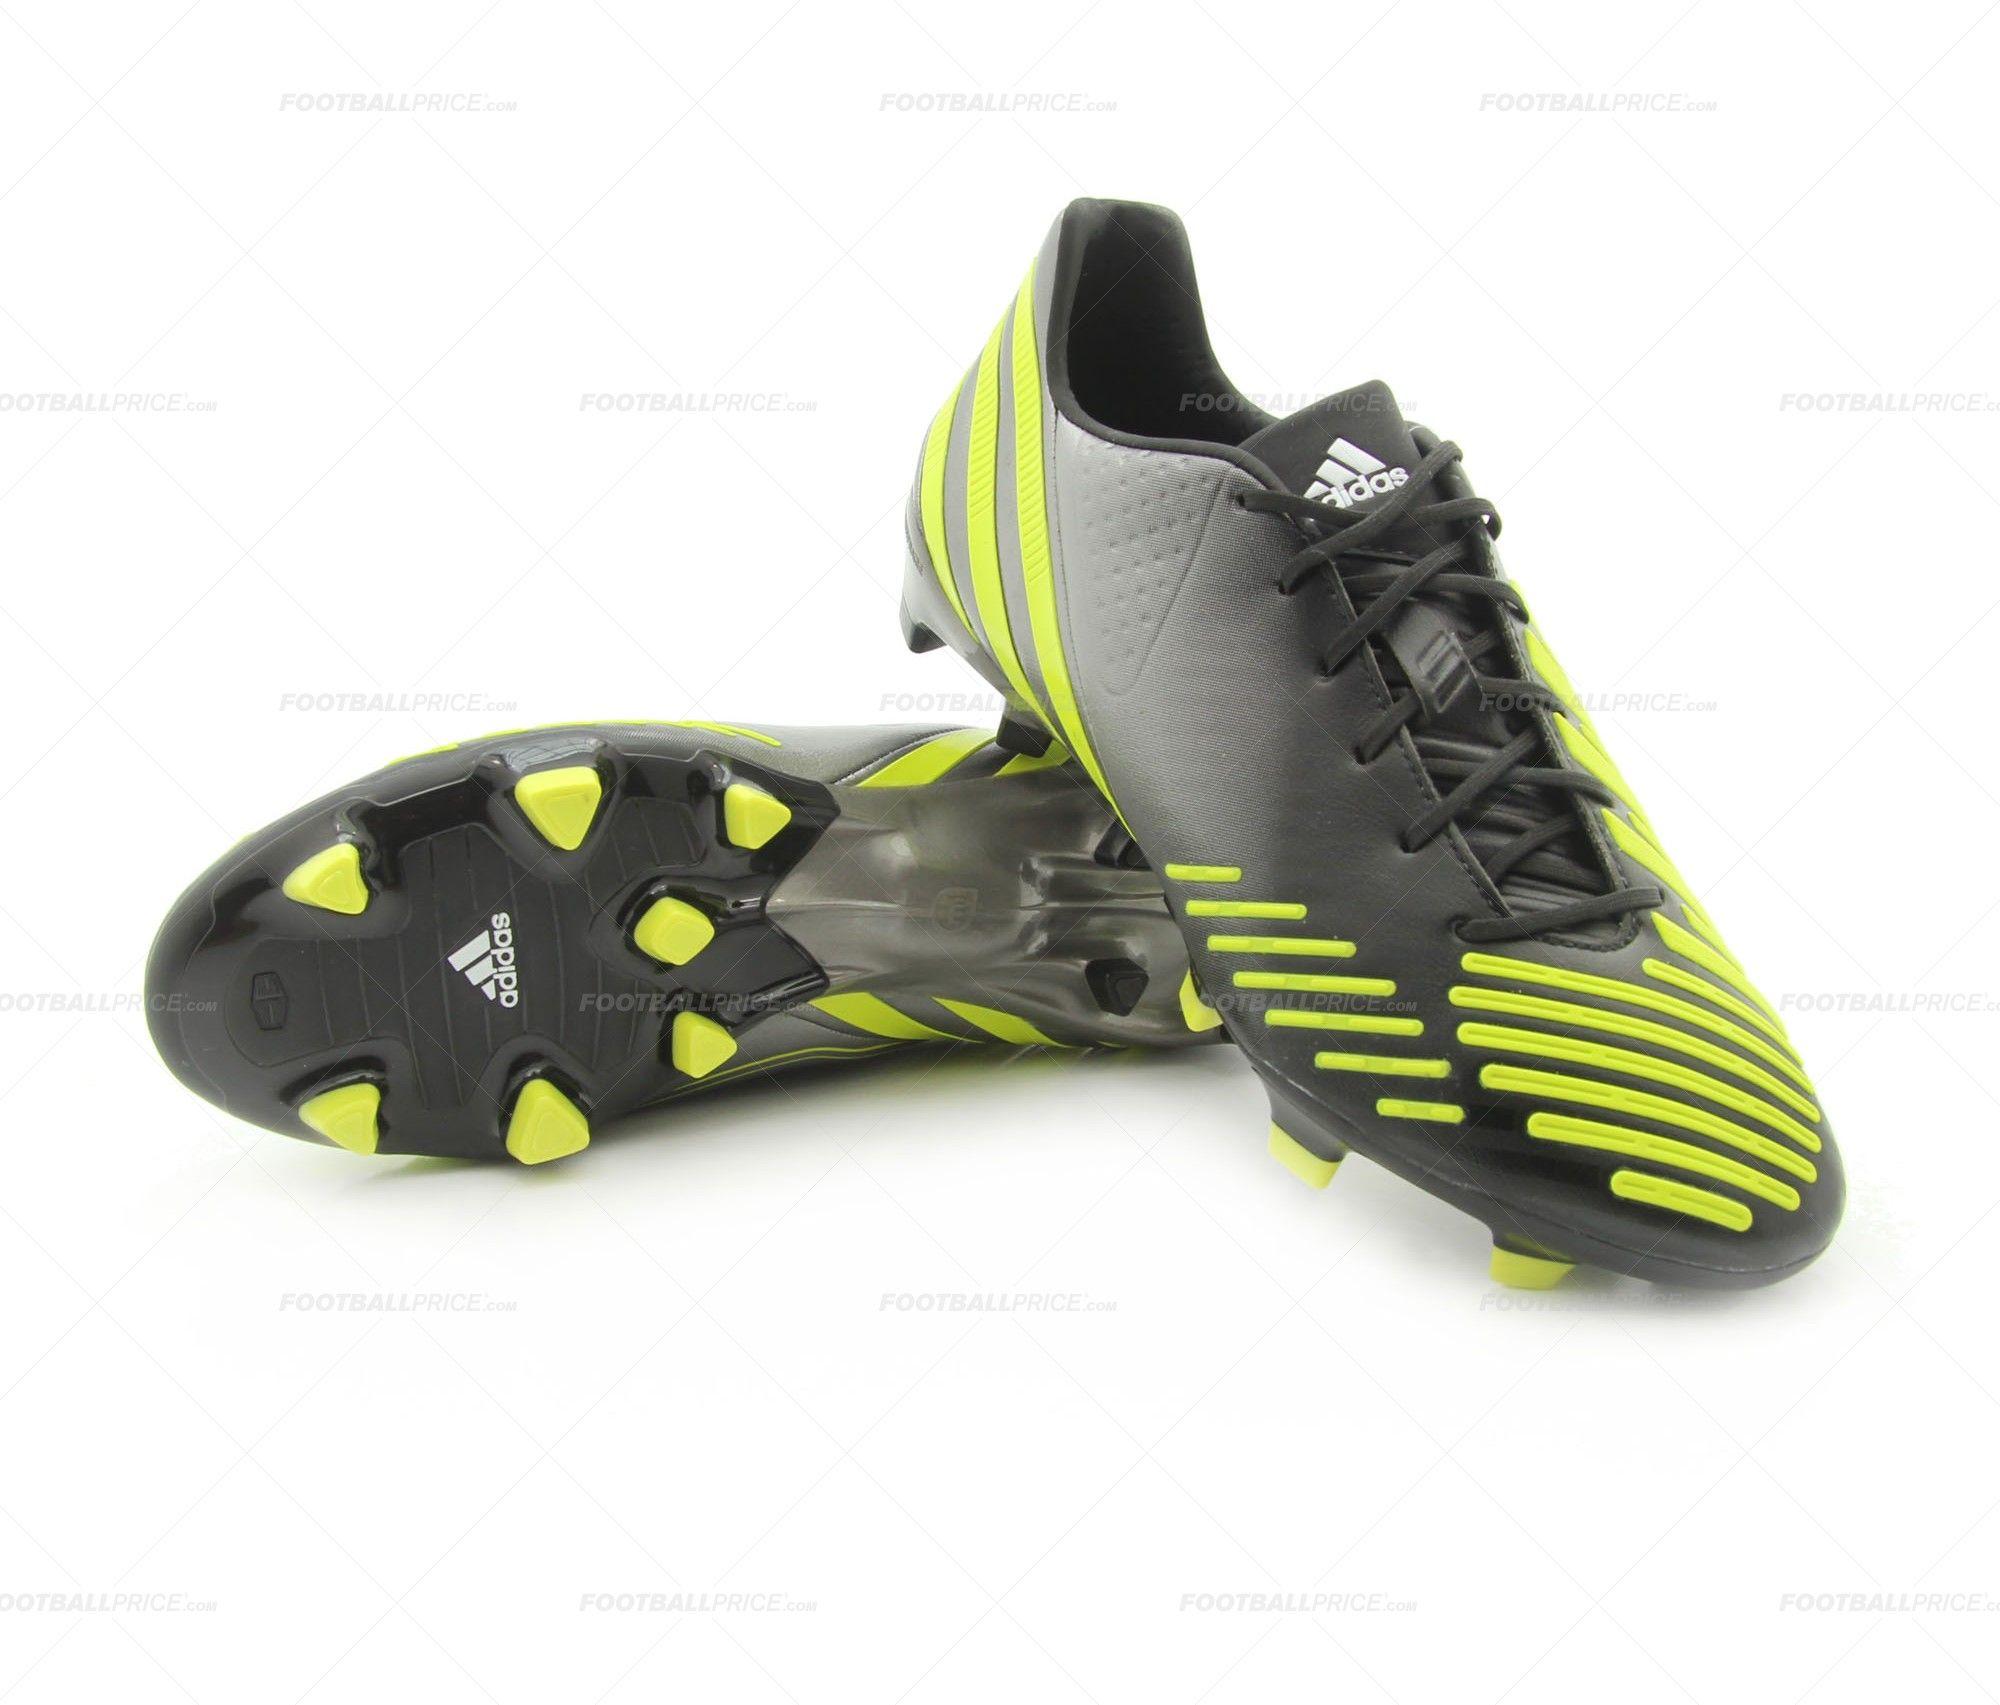 00f192dda2549 Adidas Predator LZ FG Champions League Edition